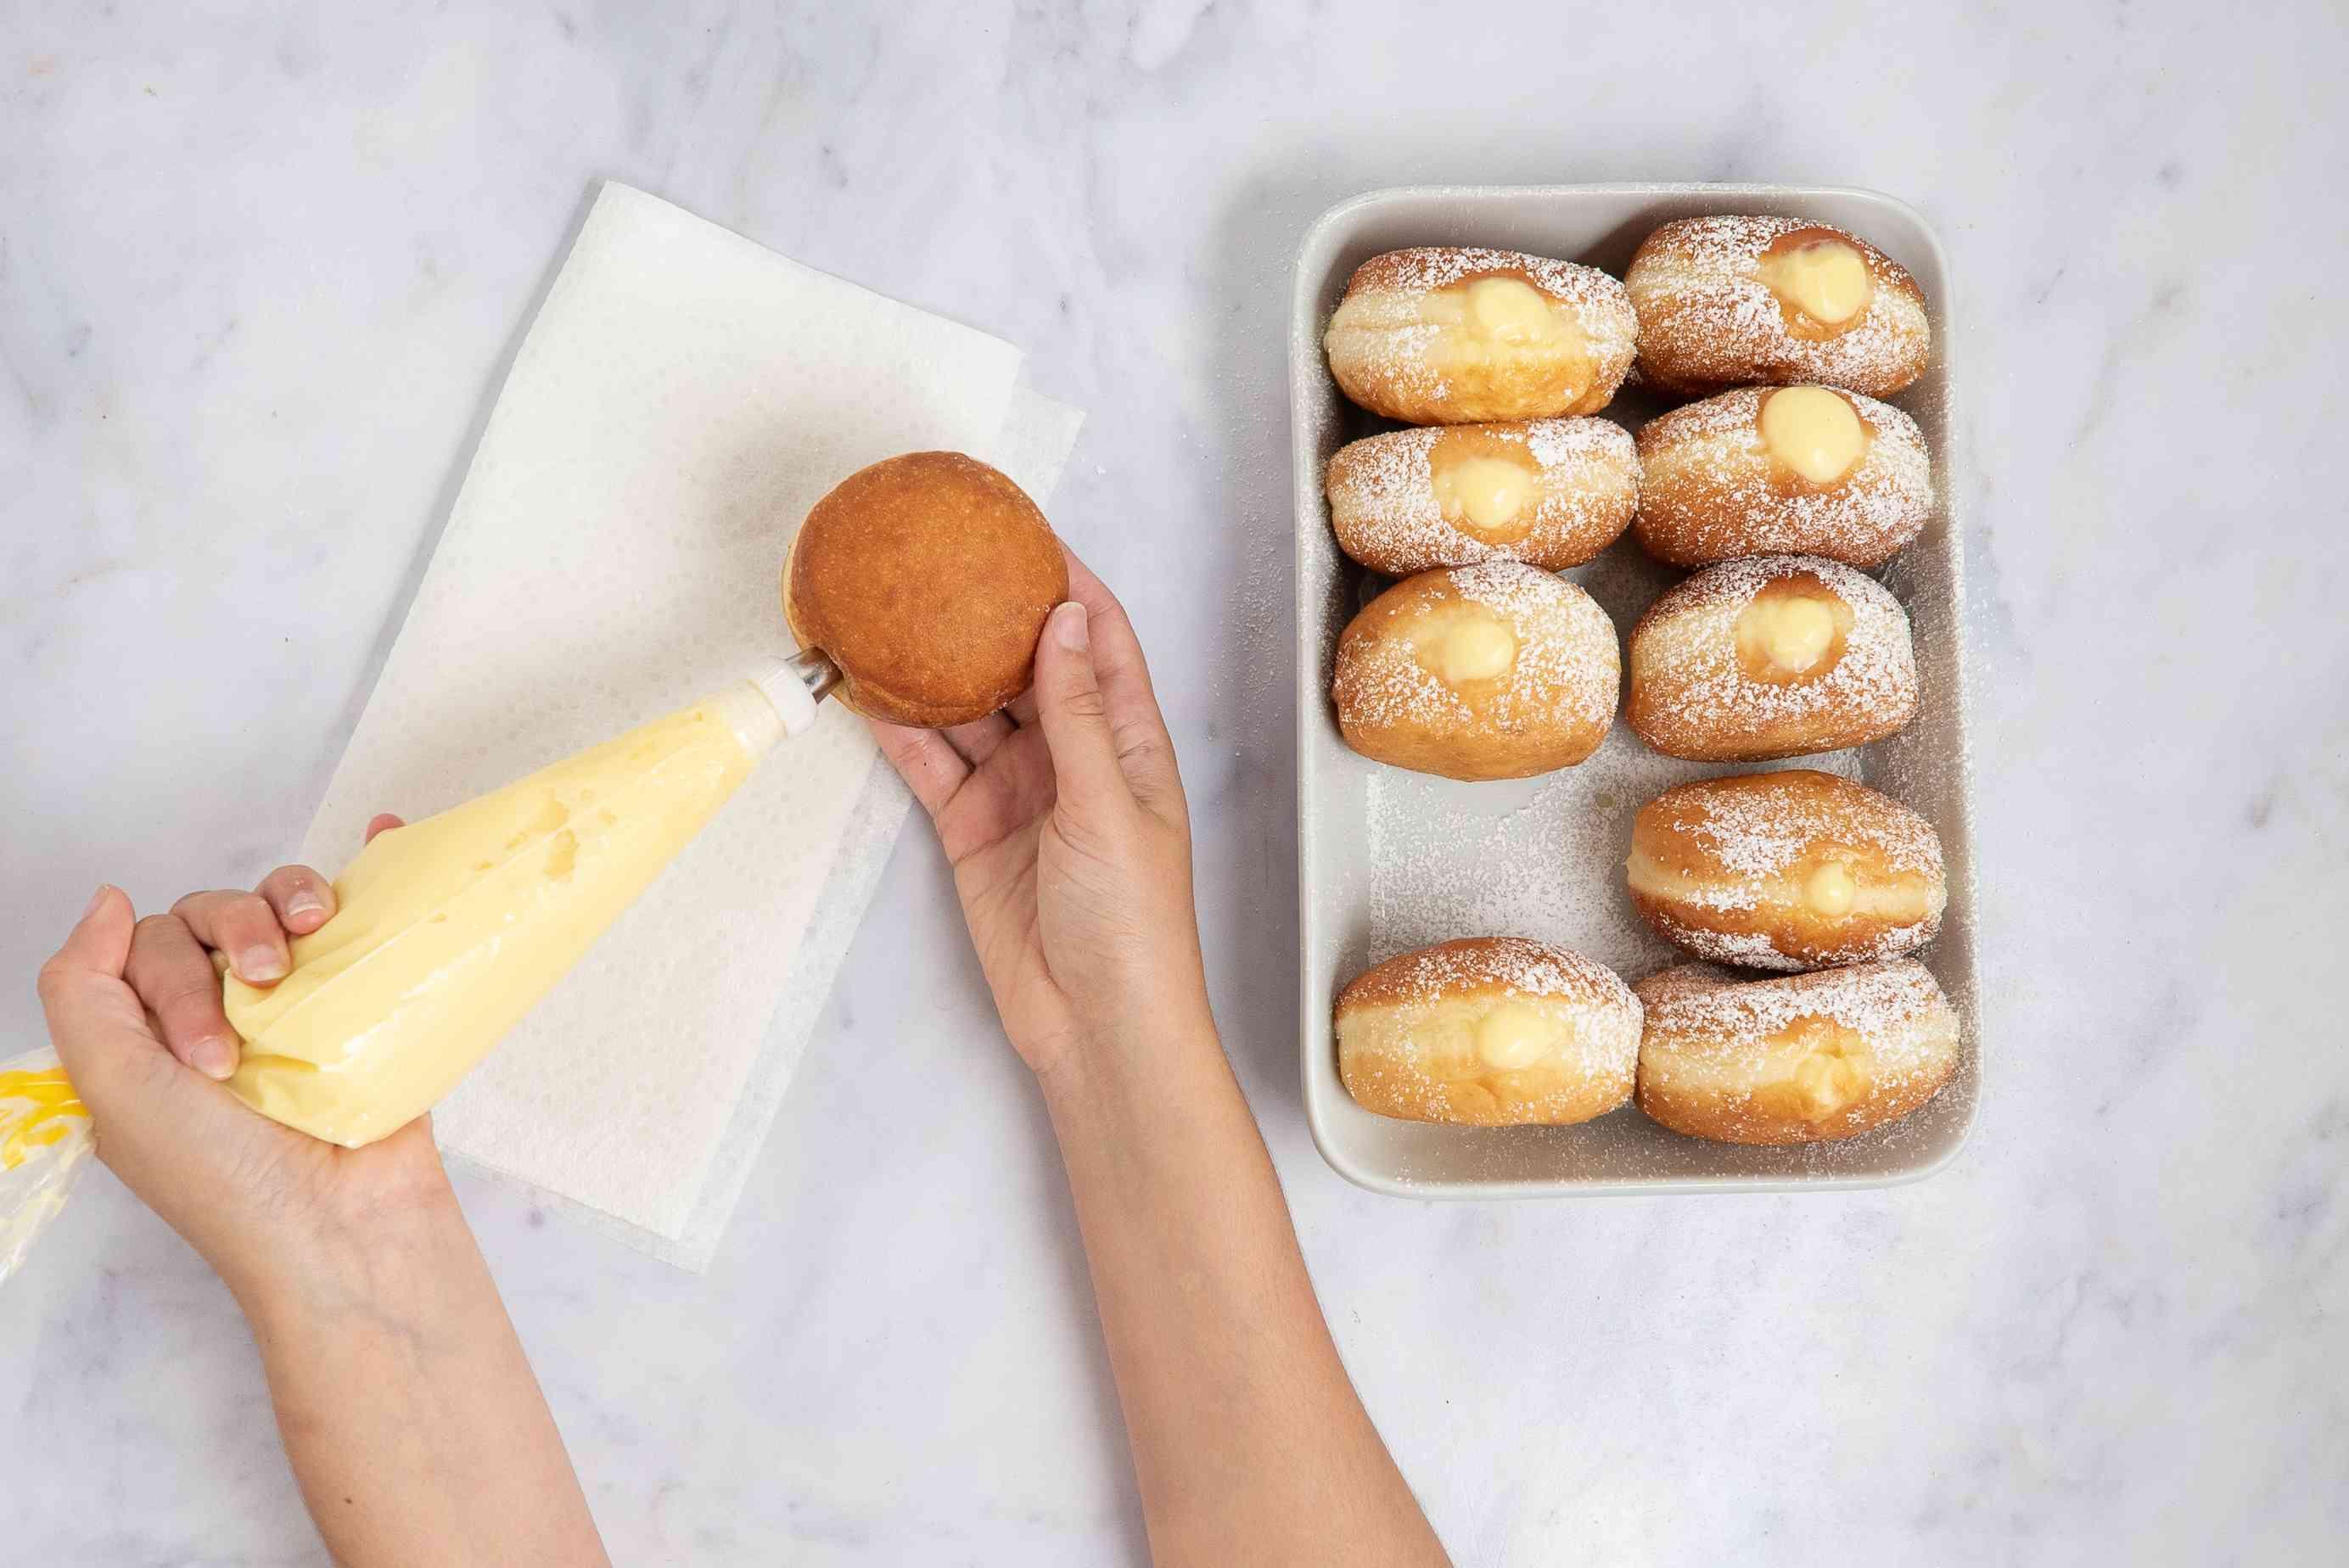 pipe cream into doughnuts